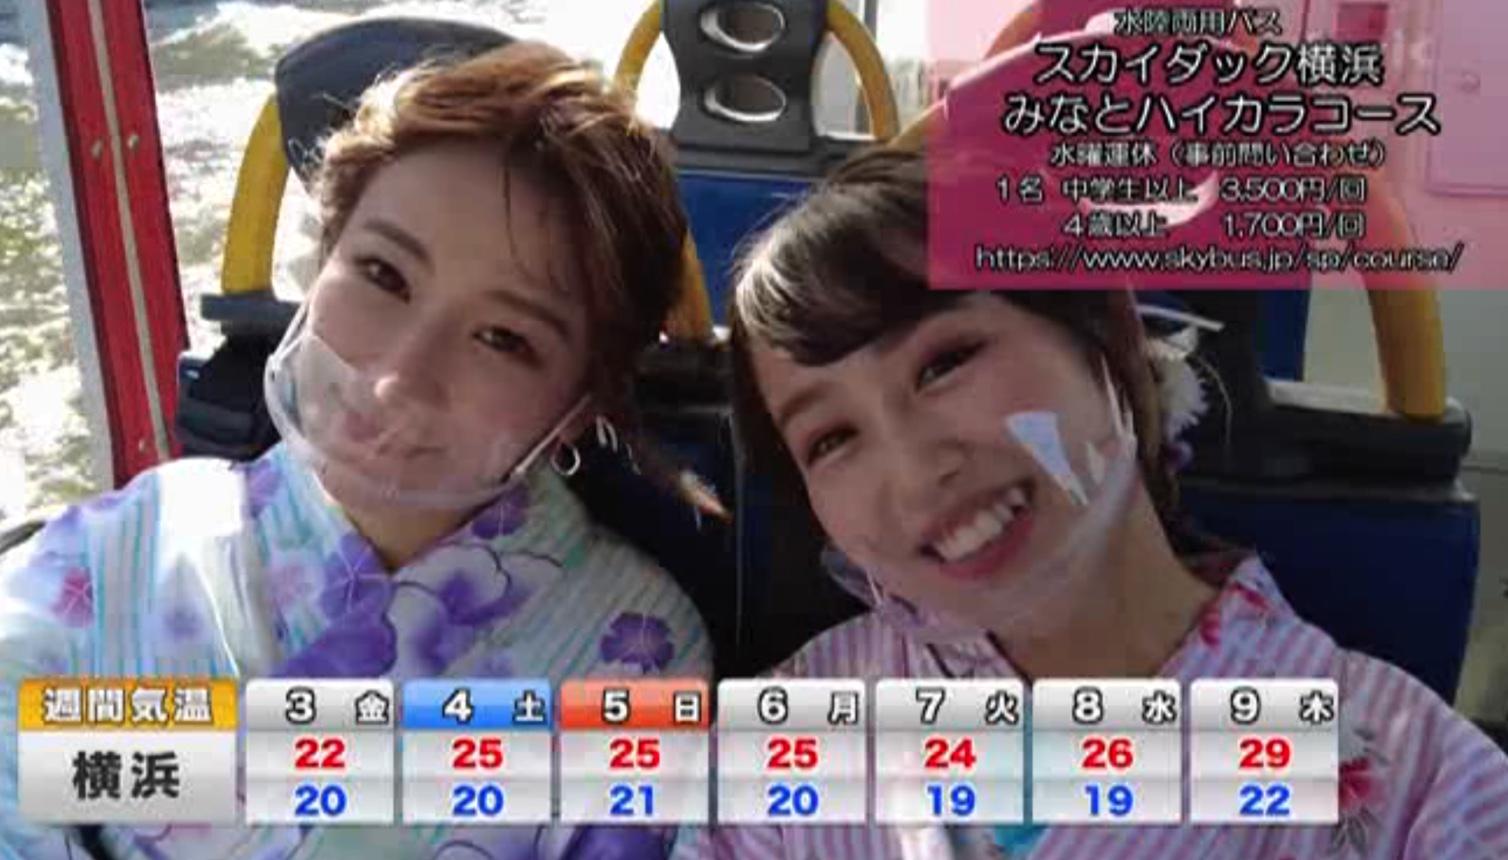 tvk(テレビ神奈川)のweather reportのテーマソングにBANQUETの[たからもの]が決定!